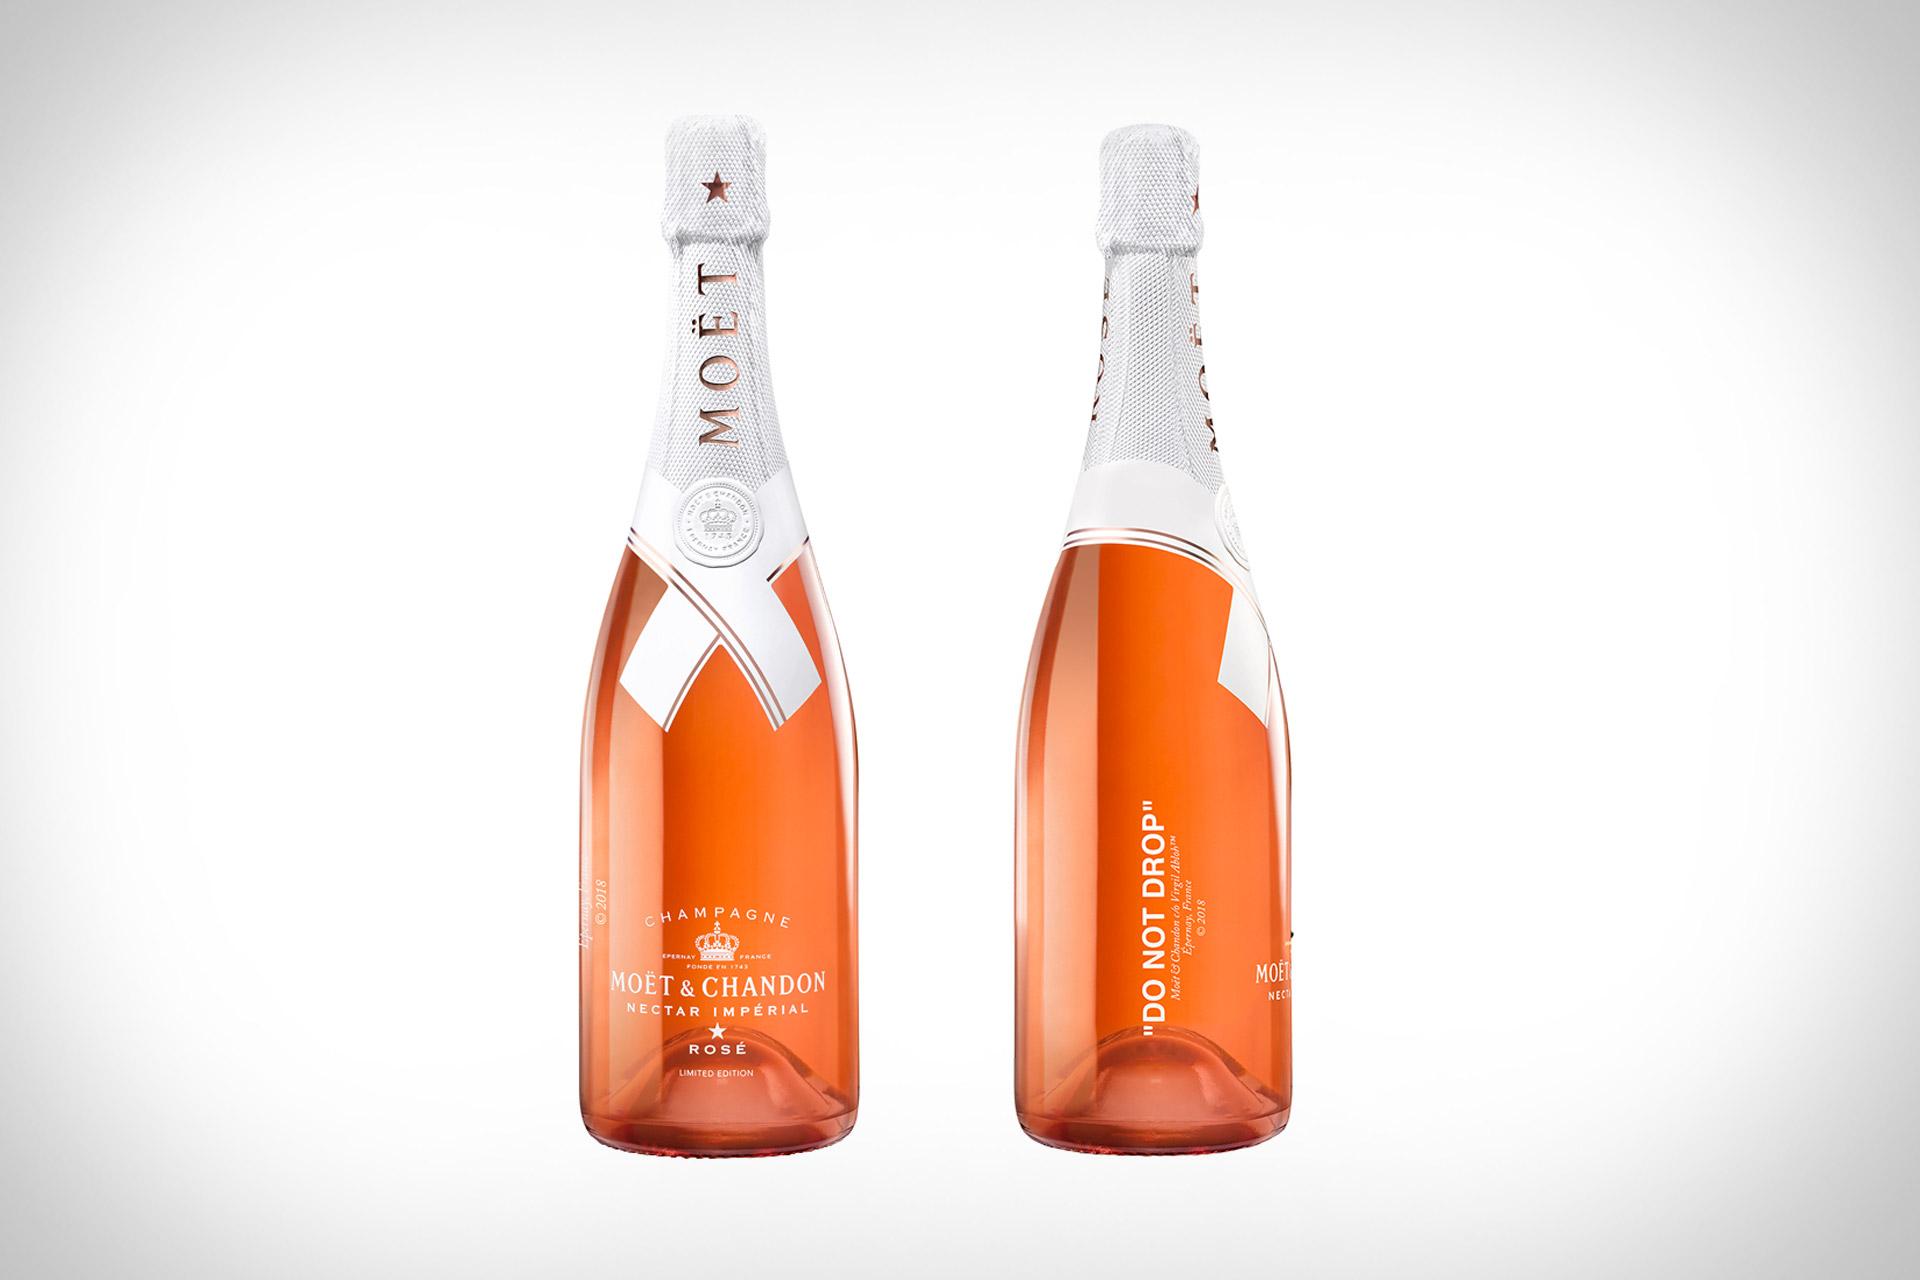 Moet & Chandon x Off-White Impérial Rosé Champagne